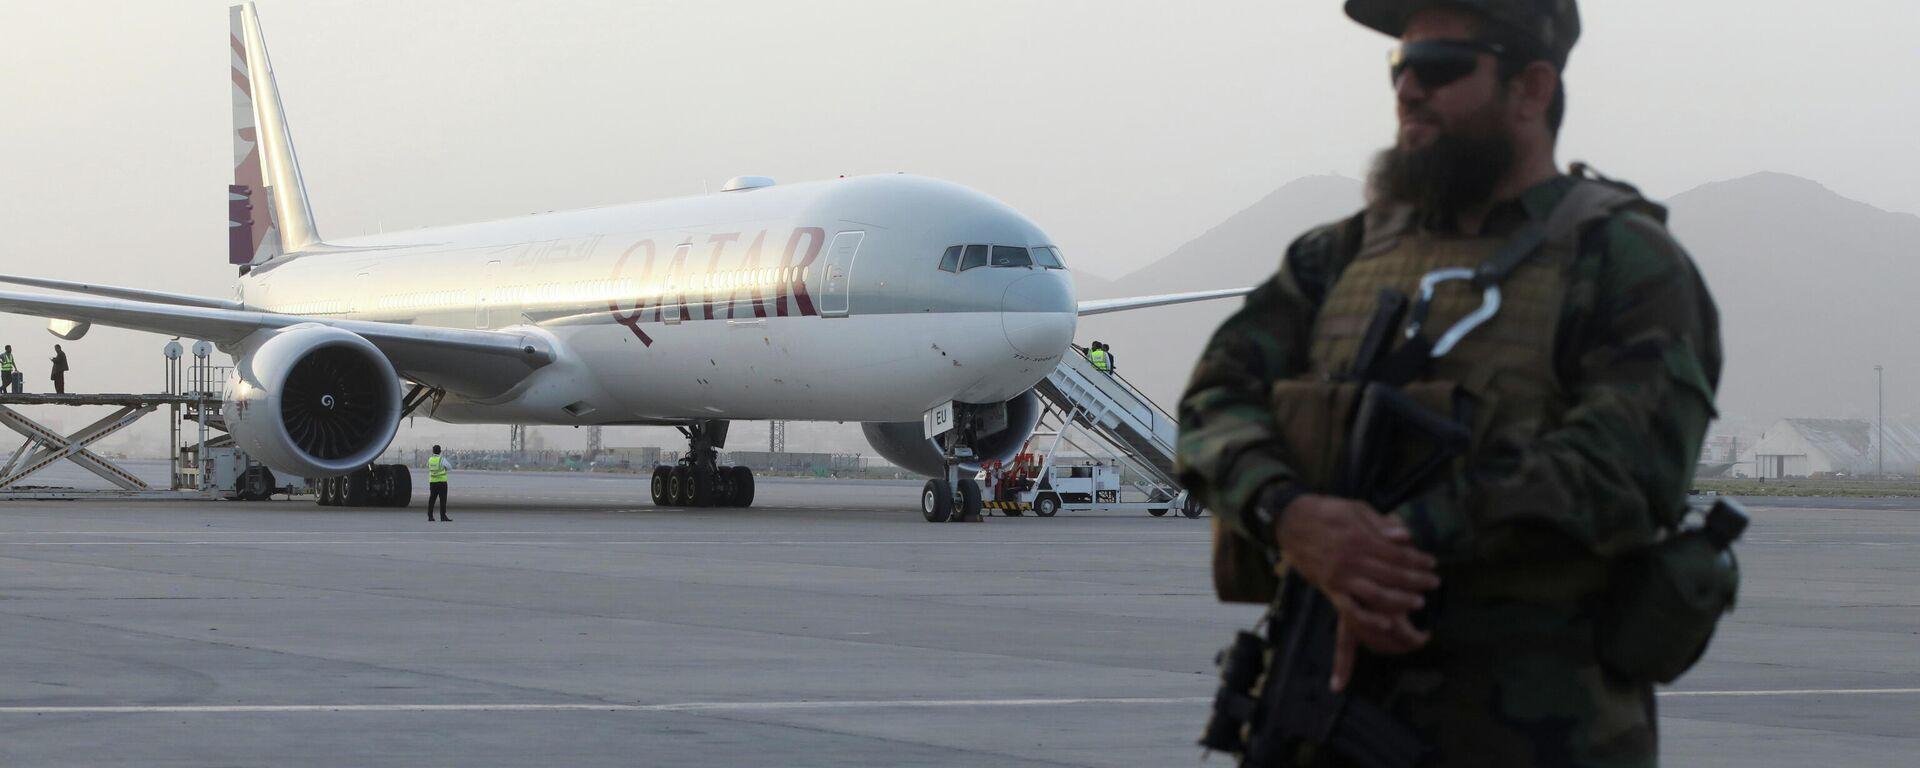 Mitglied einer Sicherheitseinheit der Taliban vor einem Passagierjet von Qatar Airways im Flughafen Kabul, Afghanistan, der 10. September 2021 - SNA, 1920, 11.09.2021